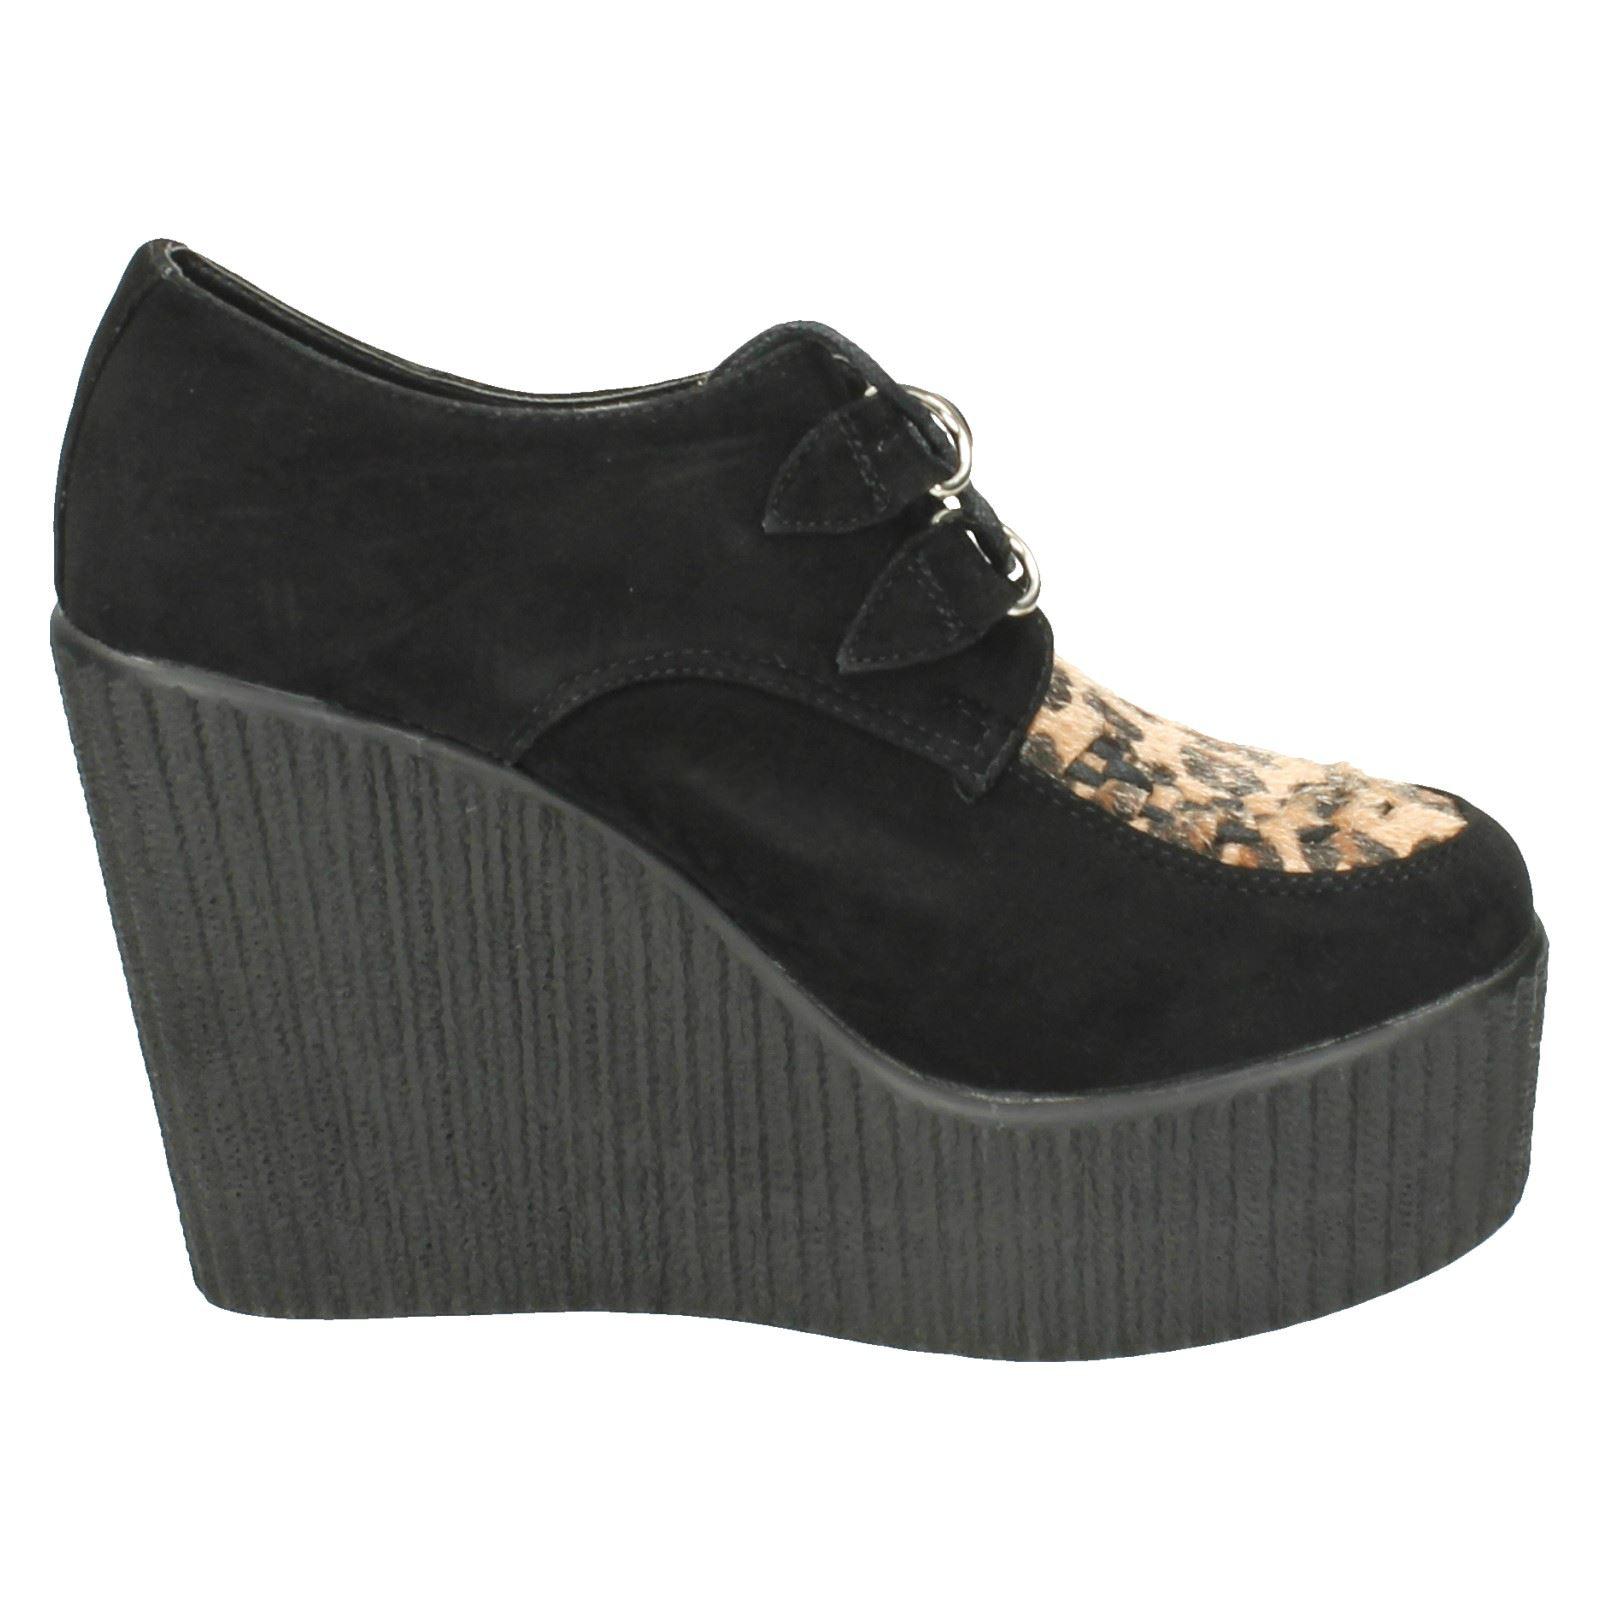 Damas Informal Con Cordones Cuñas Alta Zapatos Plataforma mancha en